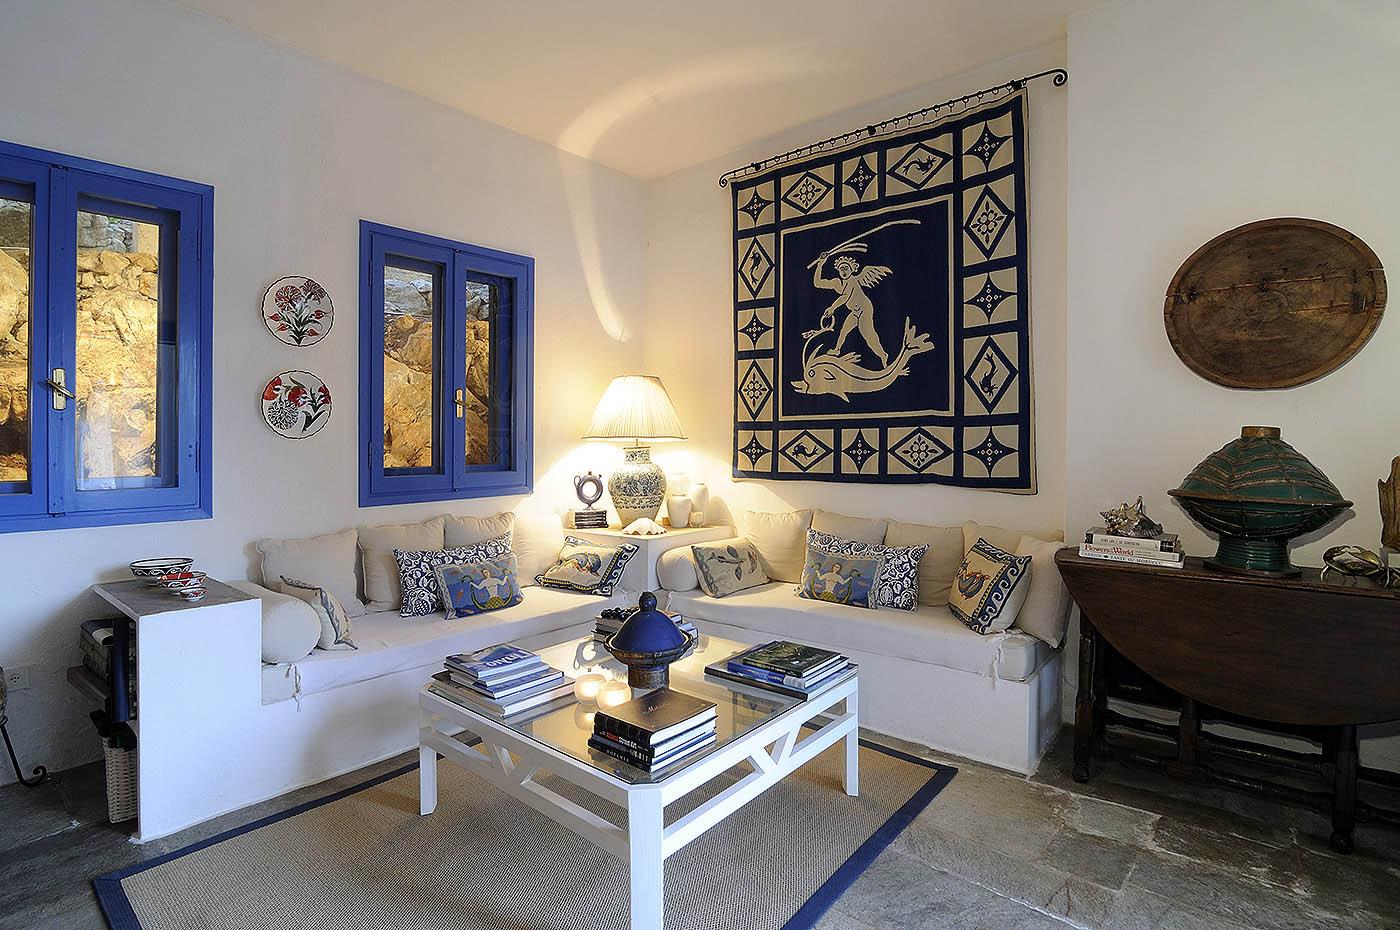 Дополнить интерьер помогут тематические аксессуары, для греческого стиля это могут быть, например, декоротивные предметы с изображением сцен из мифов Древней Греции